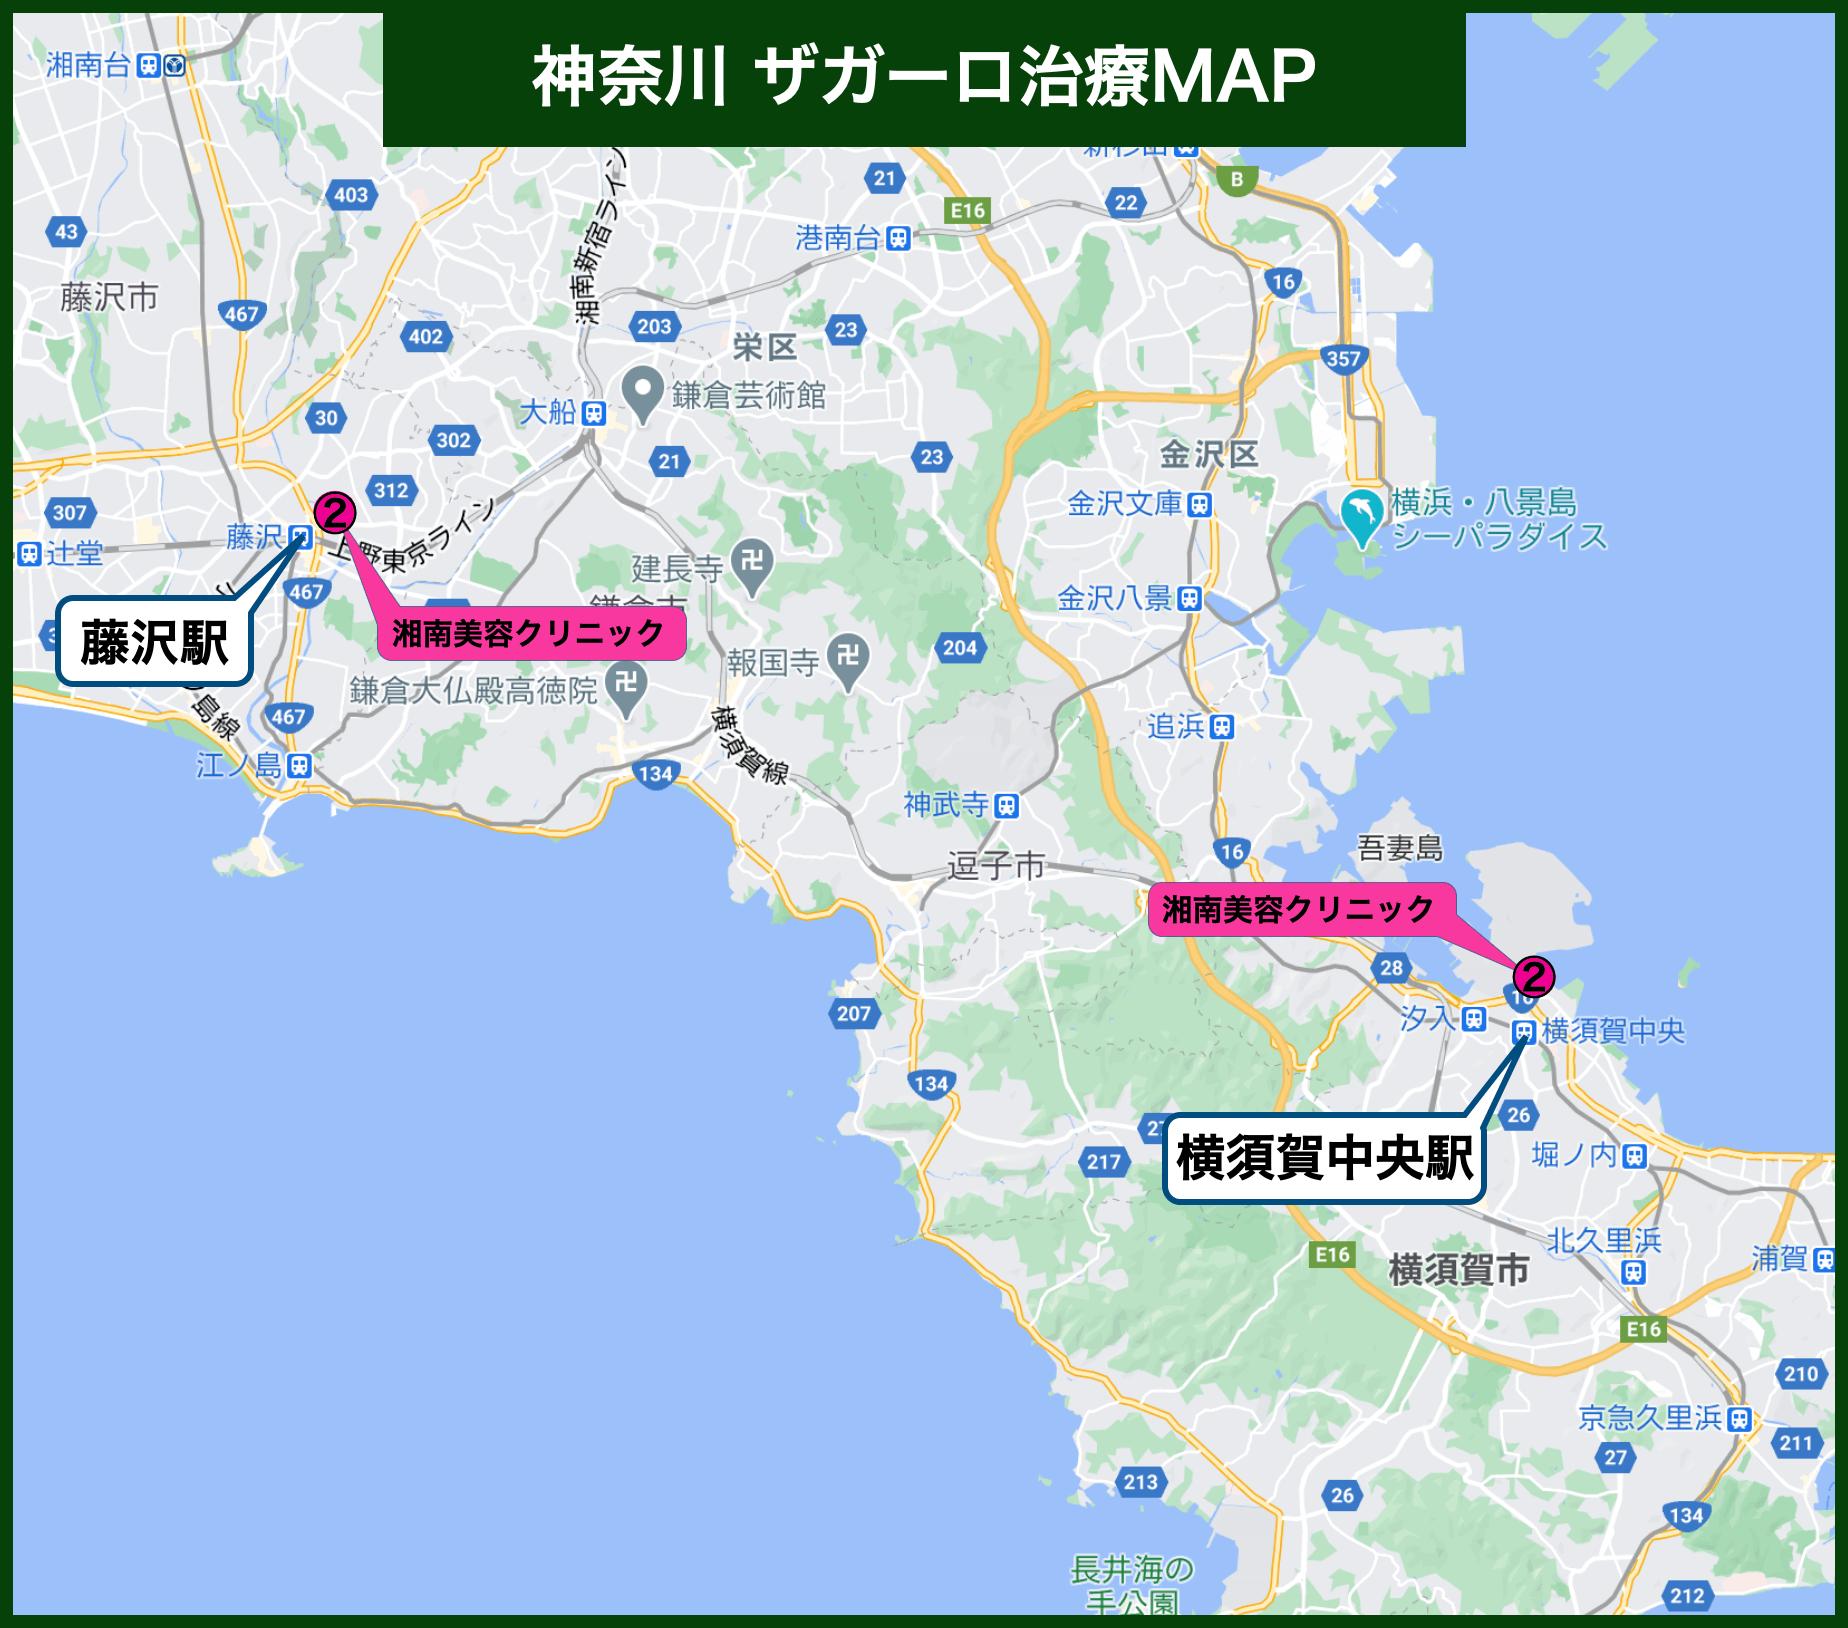 神奈川ザガーロ治療MAP